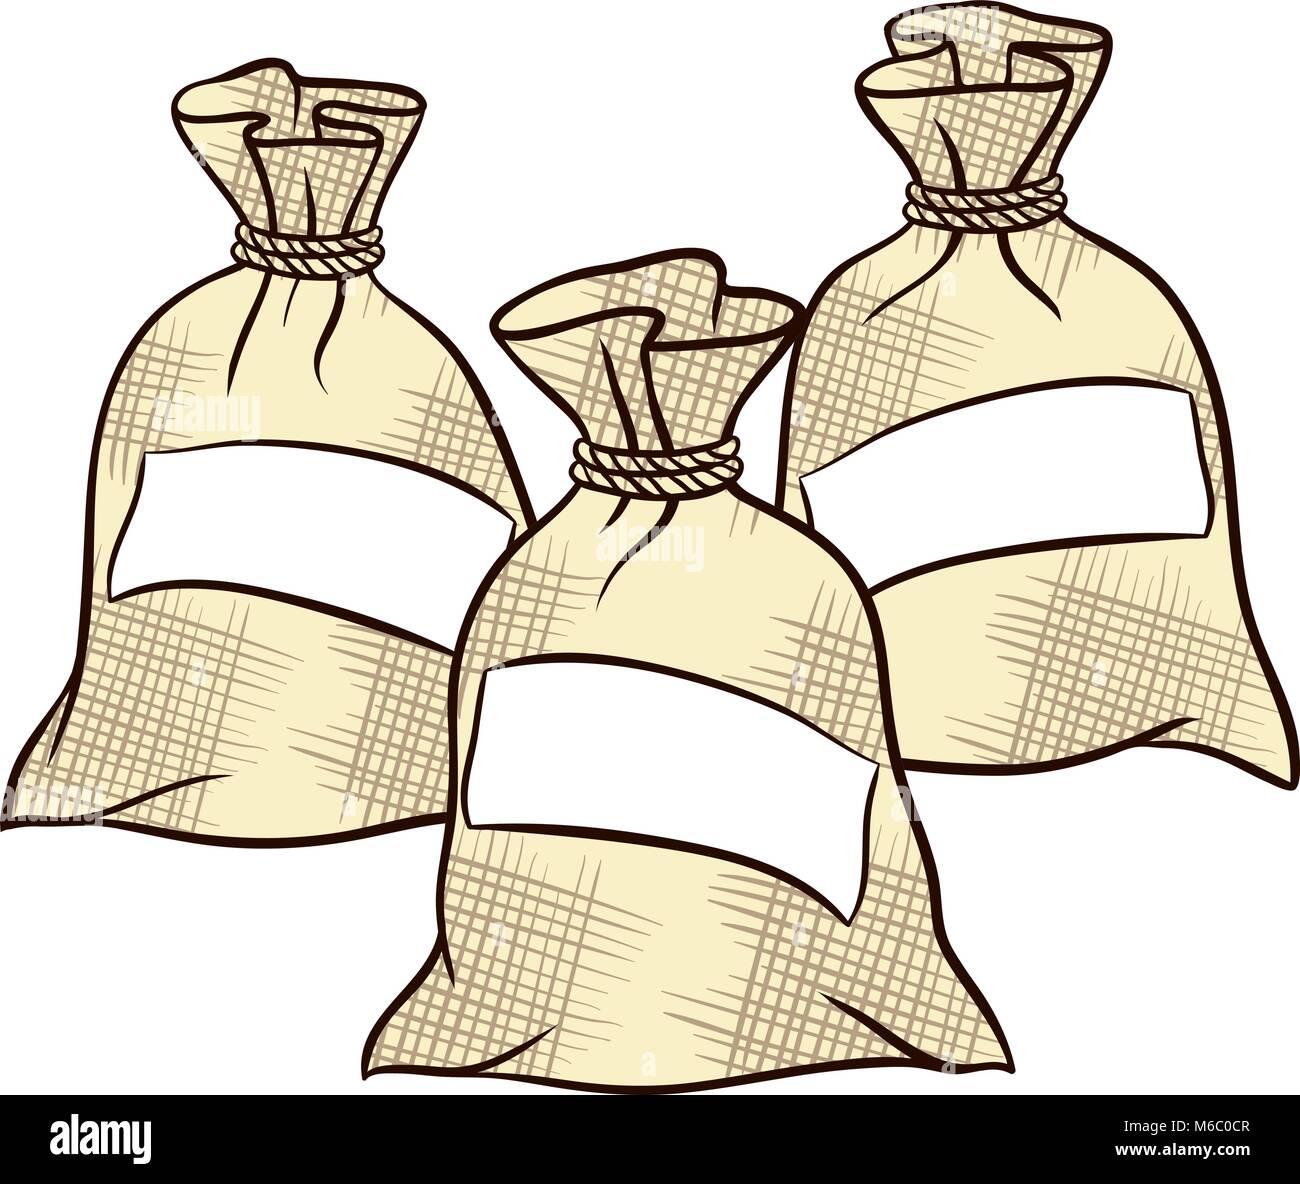 Vector sacks of flour, sugar and salt - Stock Vector